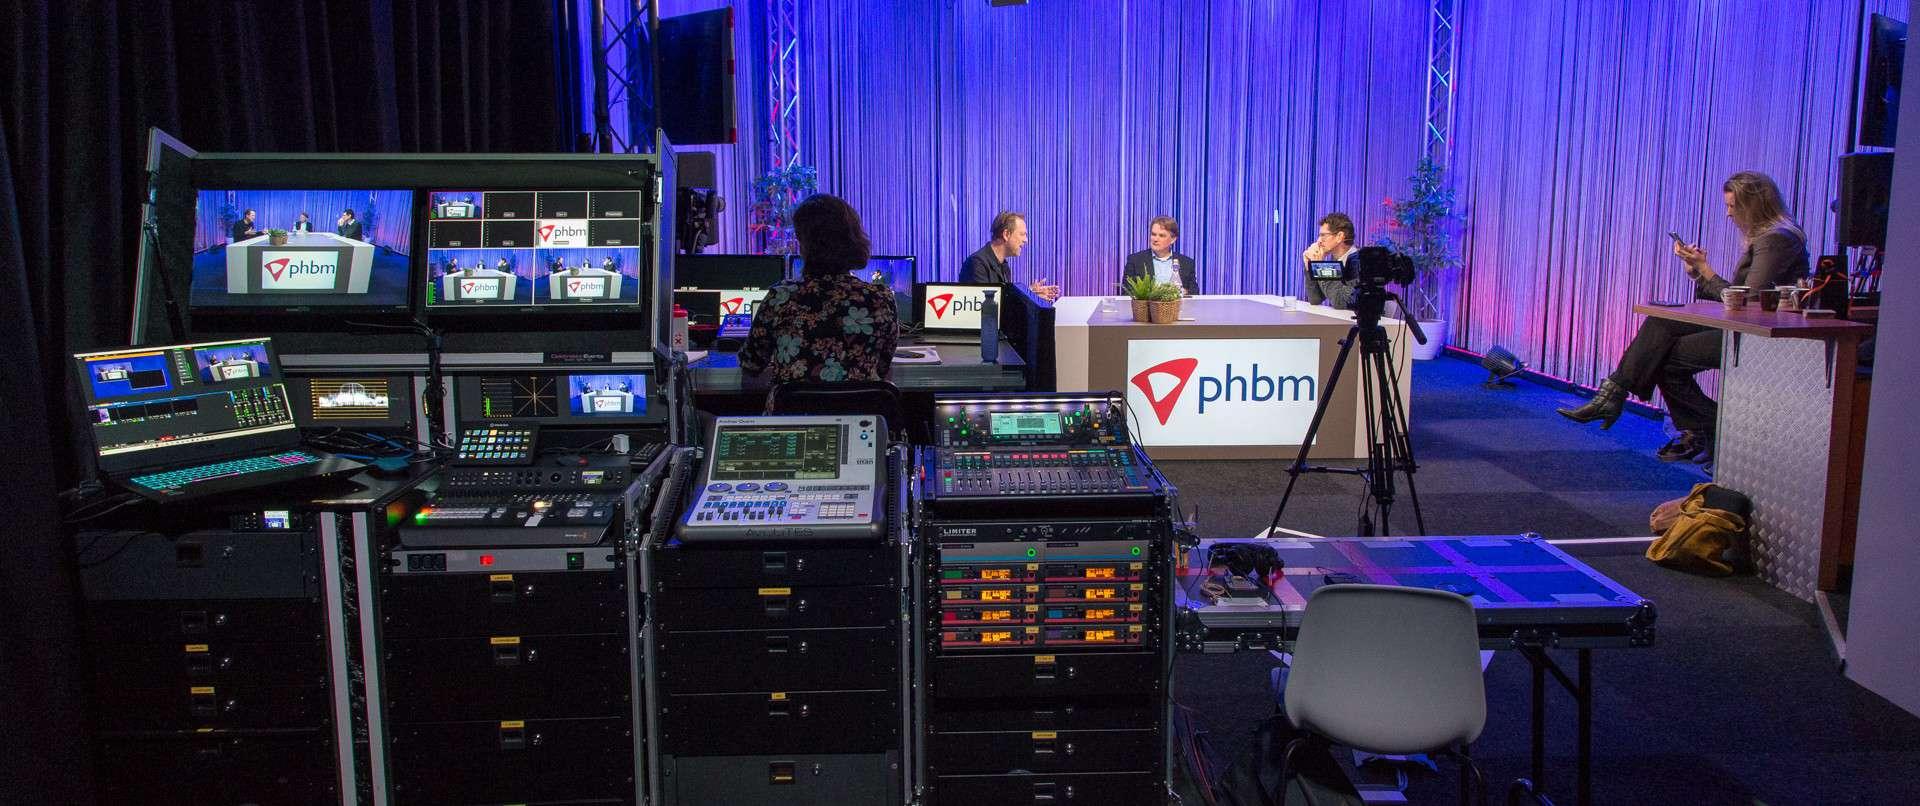 Podcast PHBM - Tafel discussie via YouTube